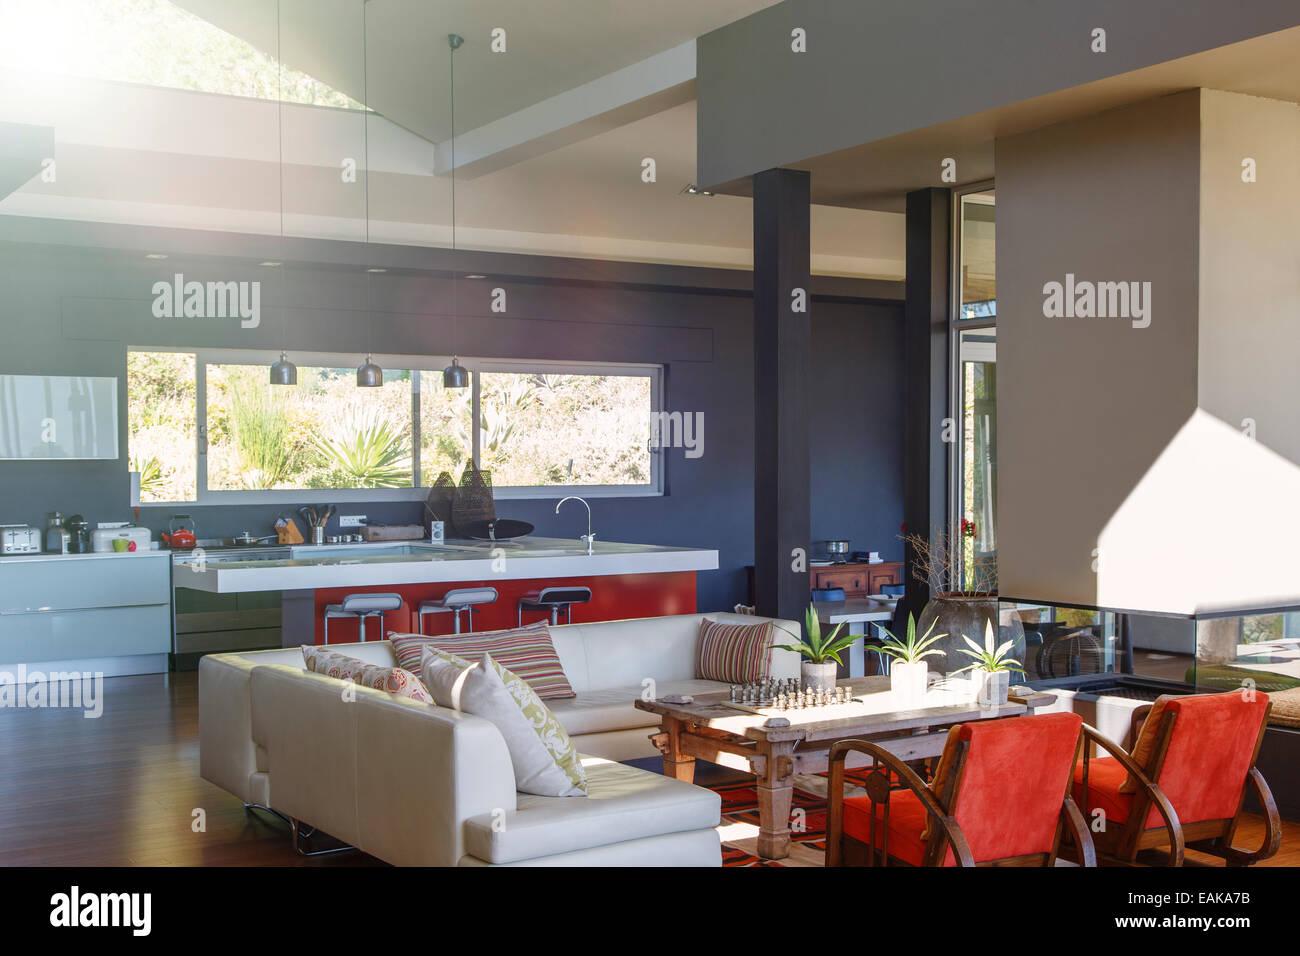 Modernes Haus Interieur mit Wohnzimmer mit Küche geeignet Stockfoto ...